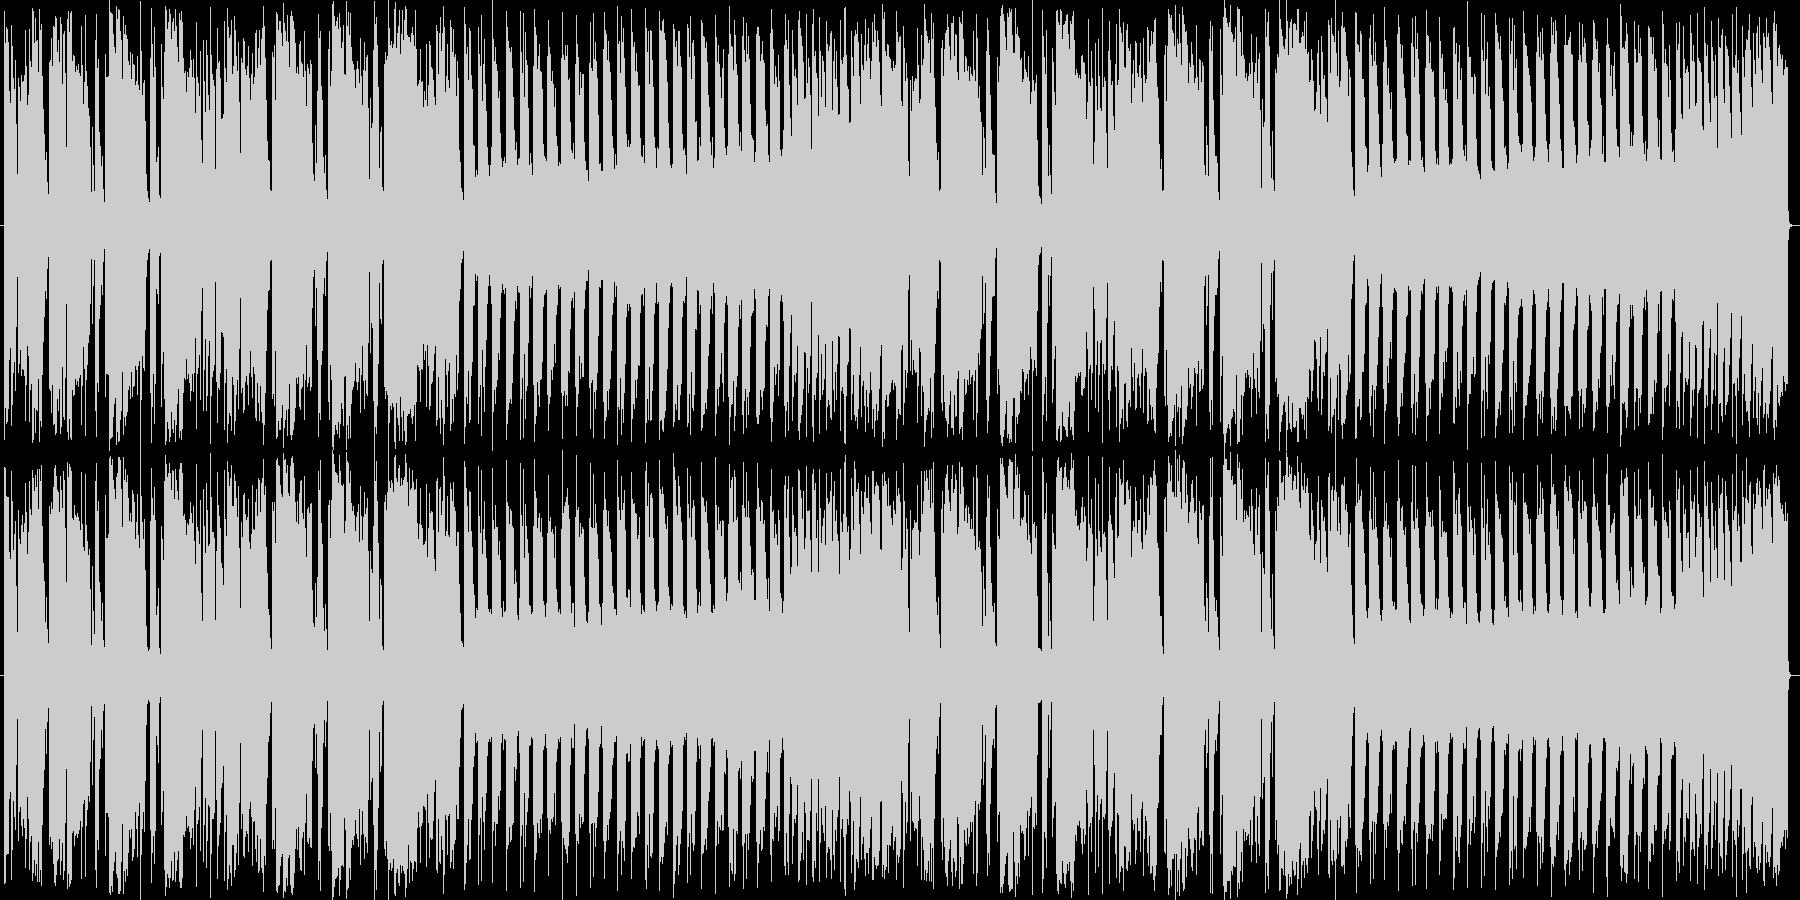 スラップと特徴的なシンセのループBGMの未再生の波形